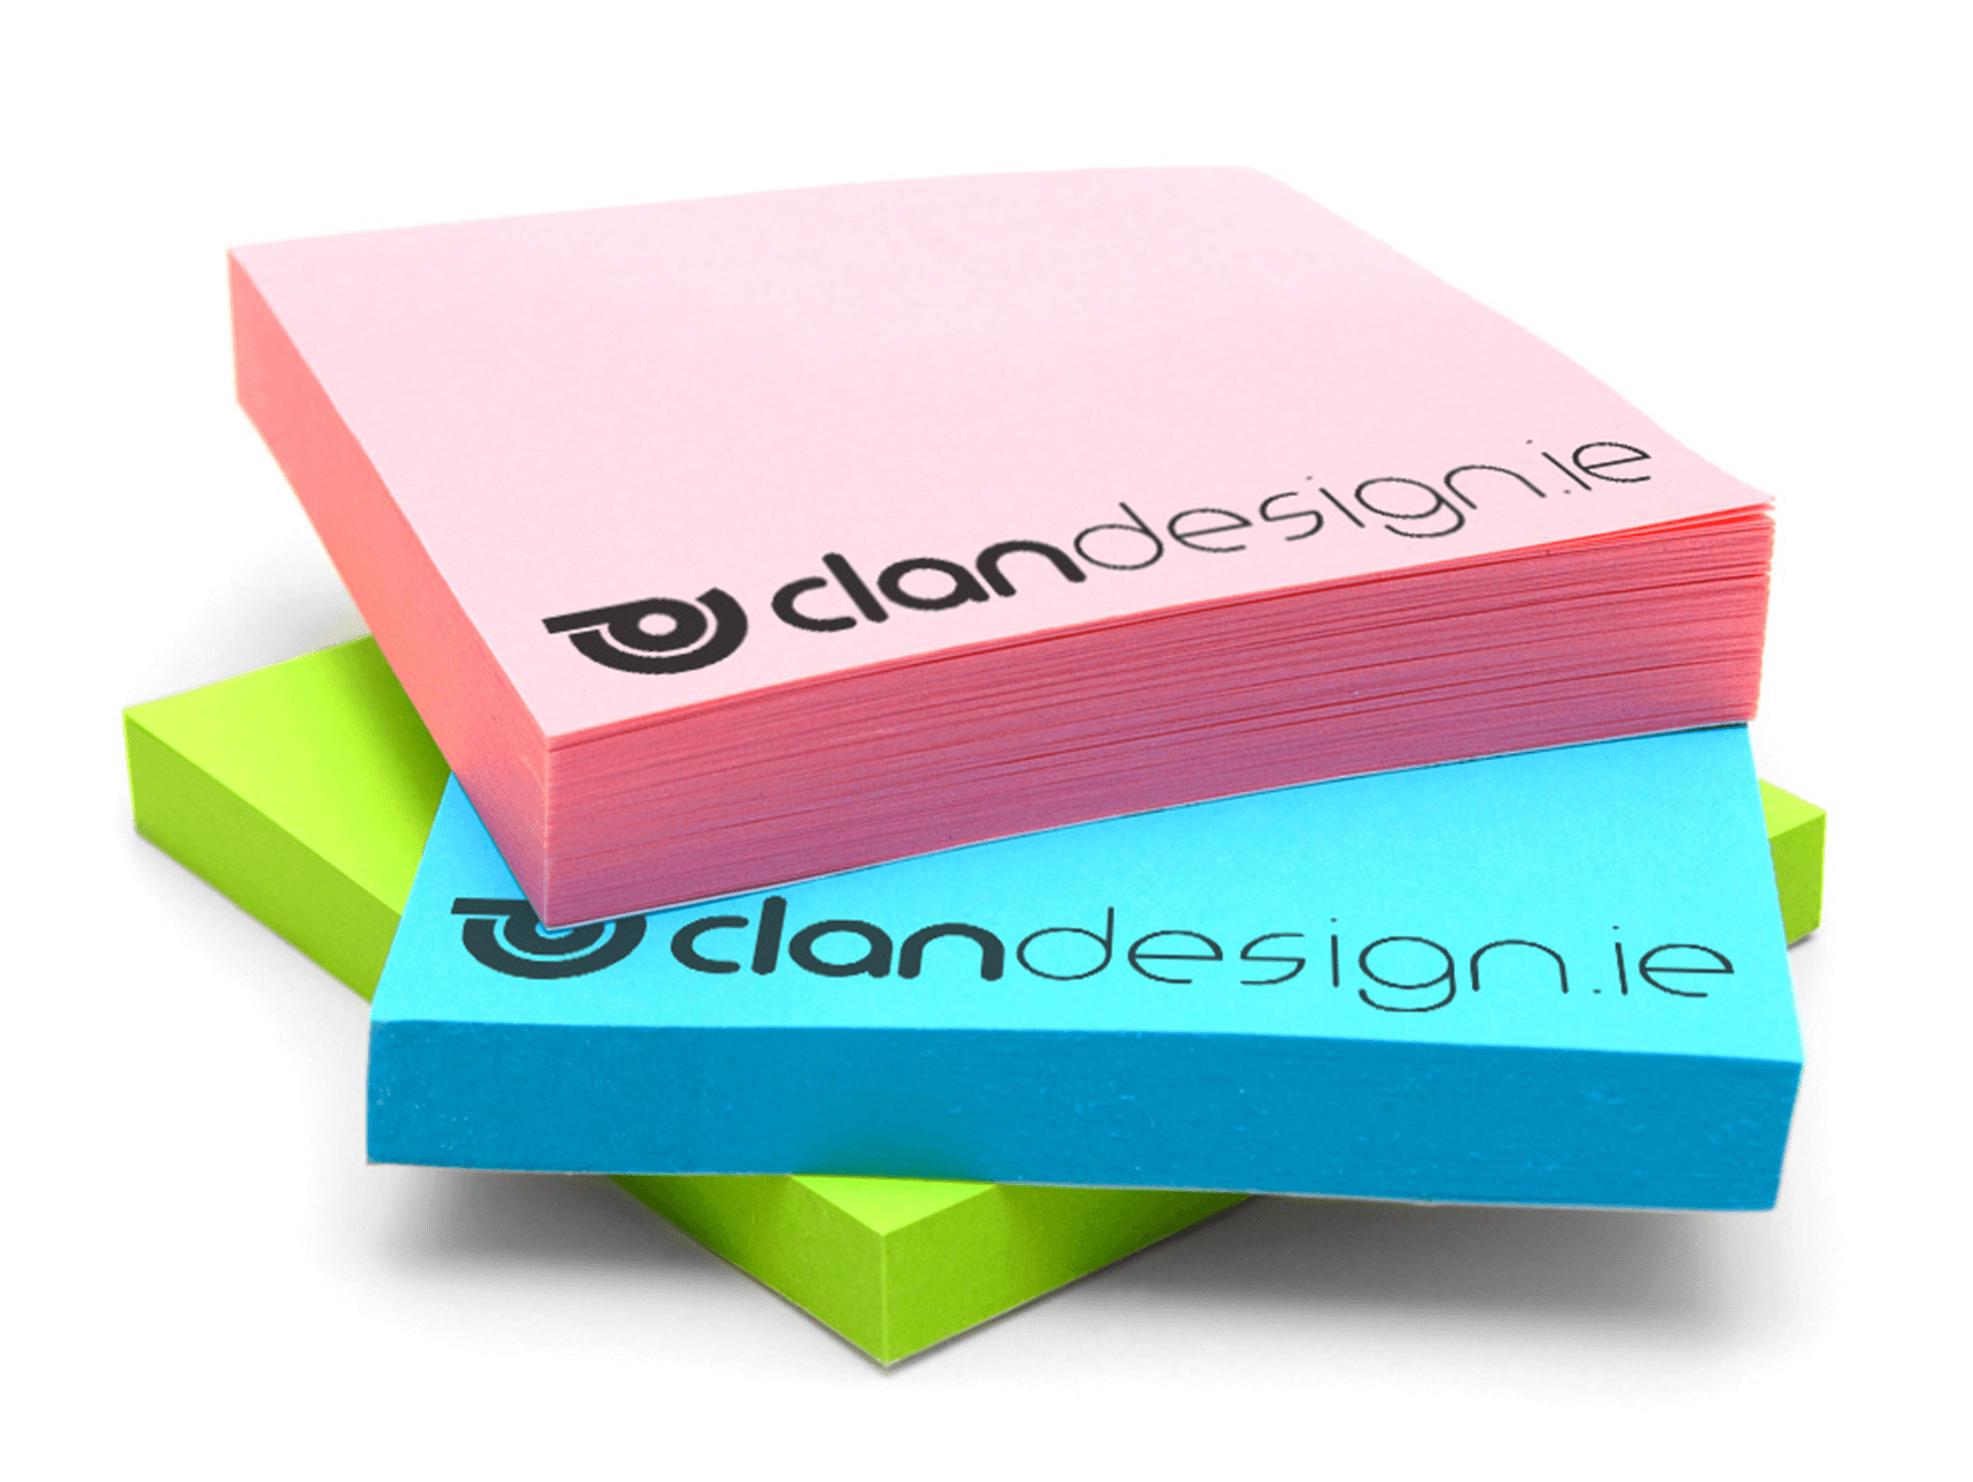 Sticky Notes - Branded Stickers